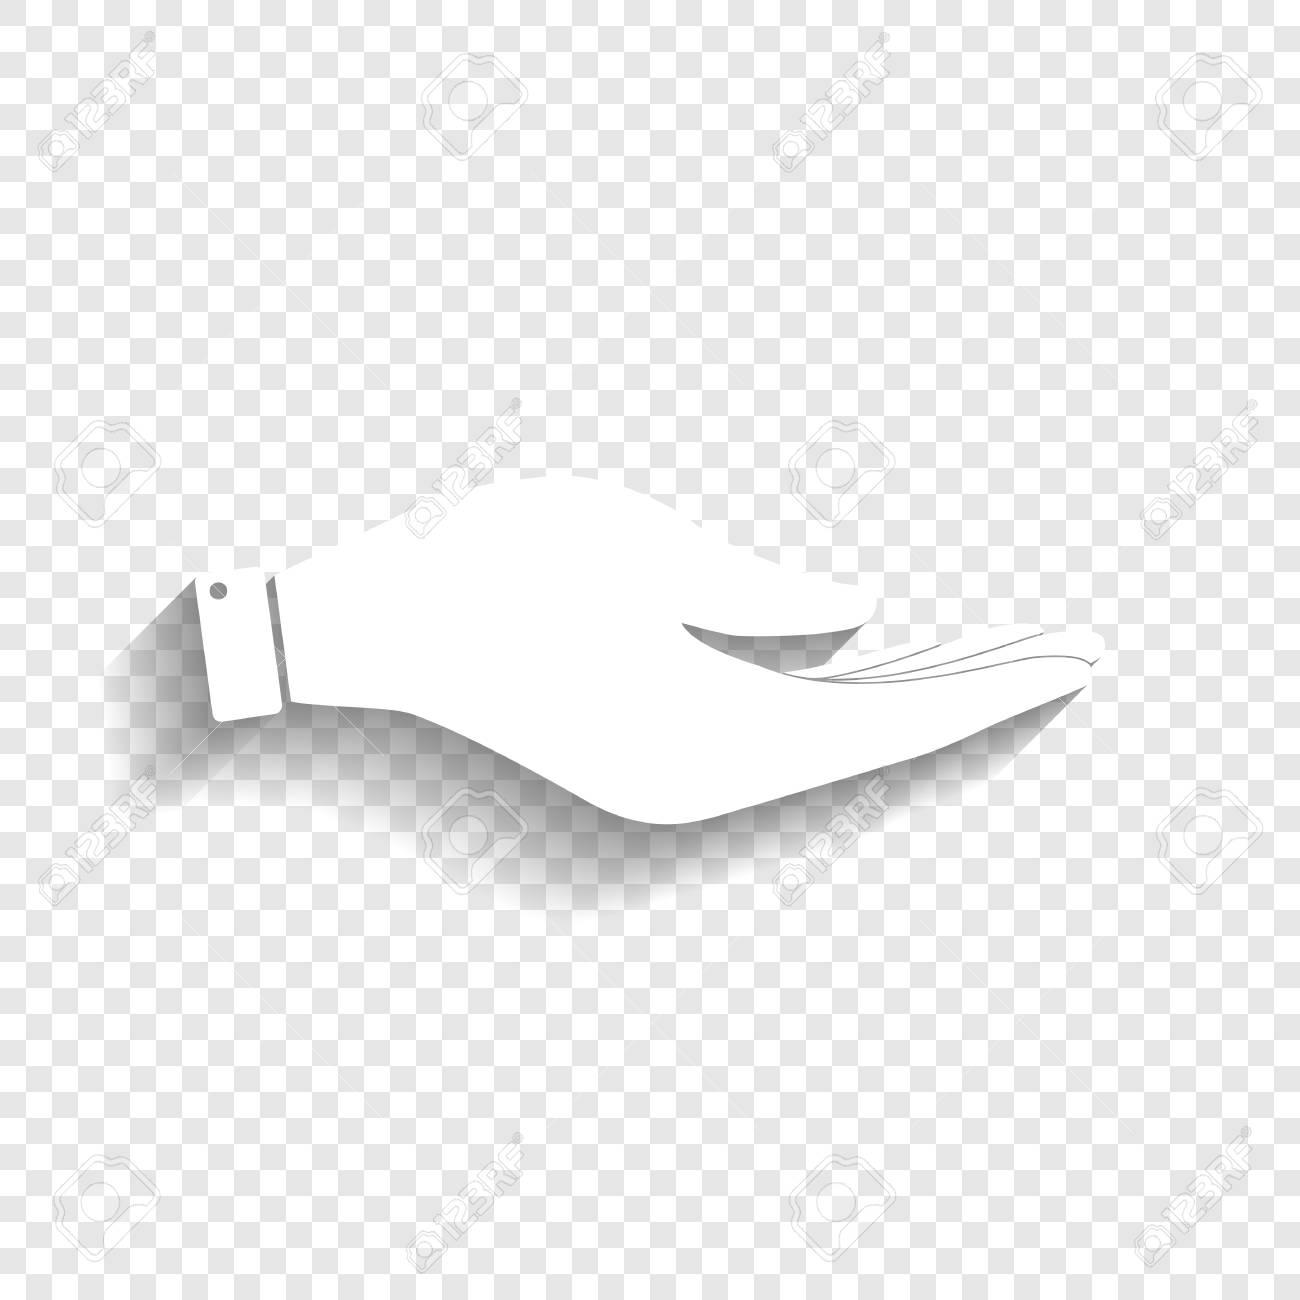 手サイン イラスト。ベクトル。透明な背景にソフト シャドウのついた白い